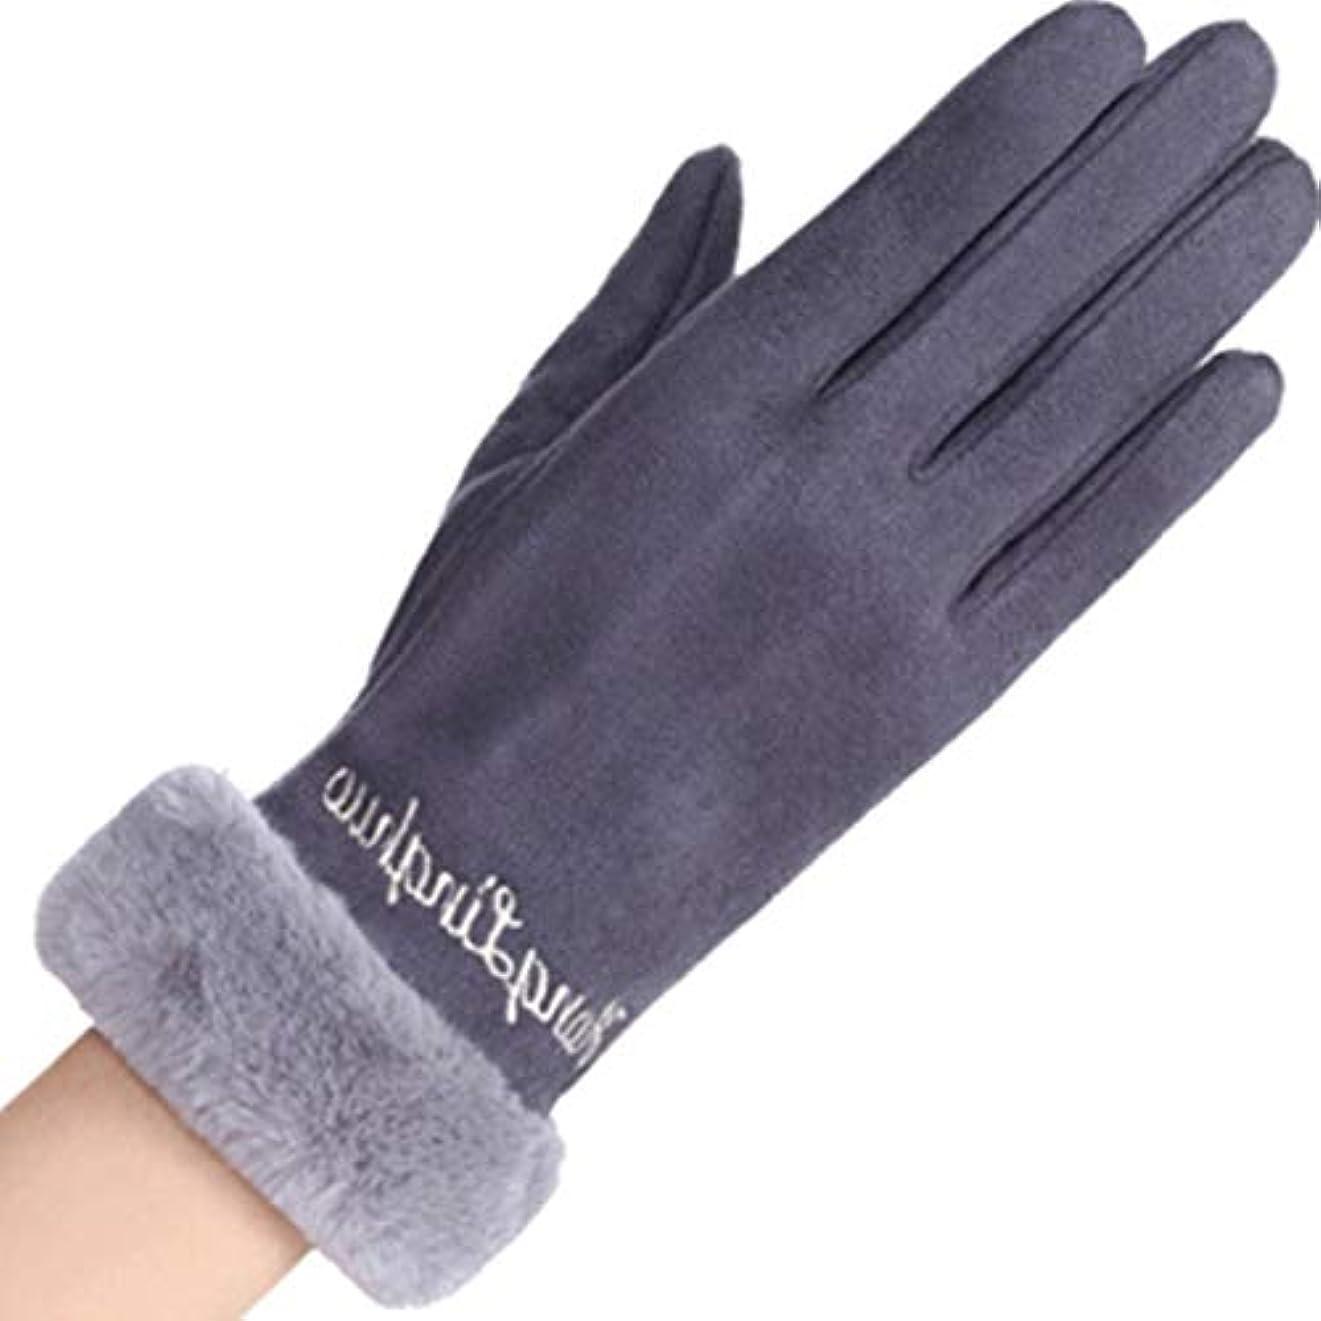 楕円形風プラグ手袋の女性の暖かいタッチスクリーンの携帯電話春と秋の冬の防風レターレディースウール手袋黒灰色の粉 (色 : Gray)